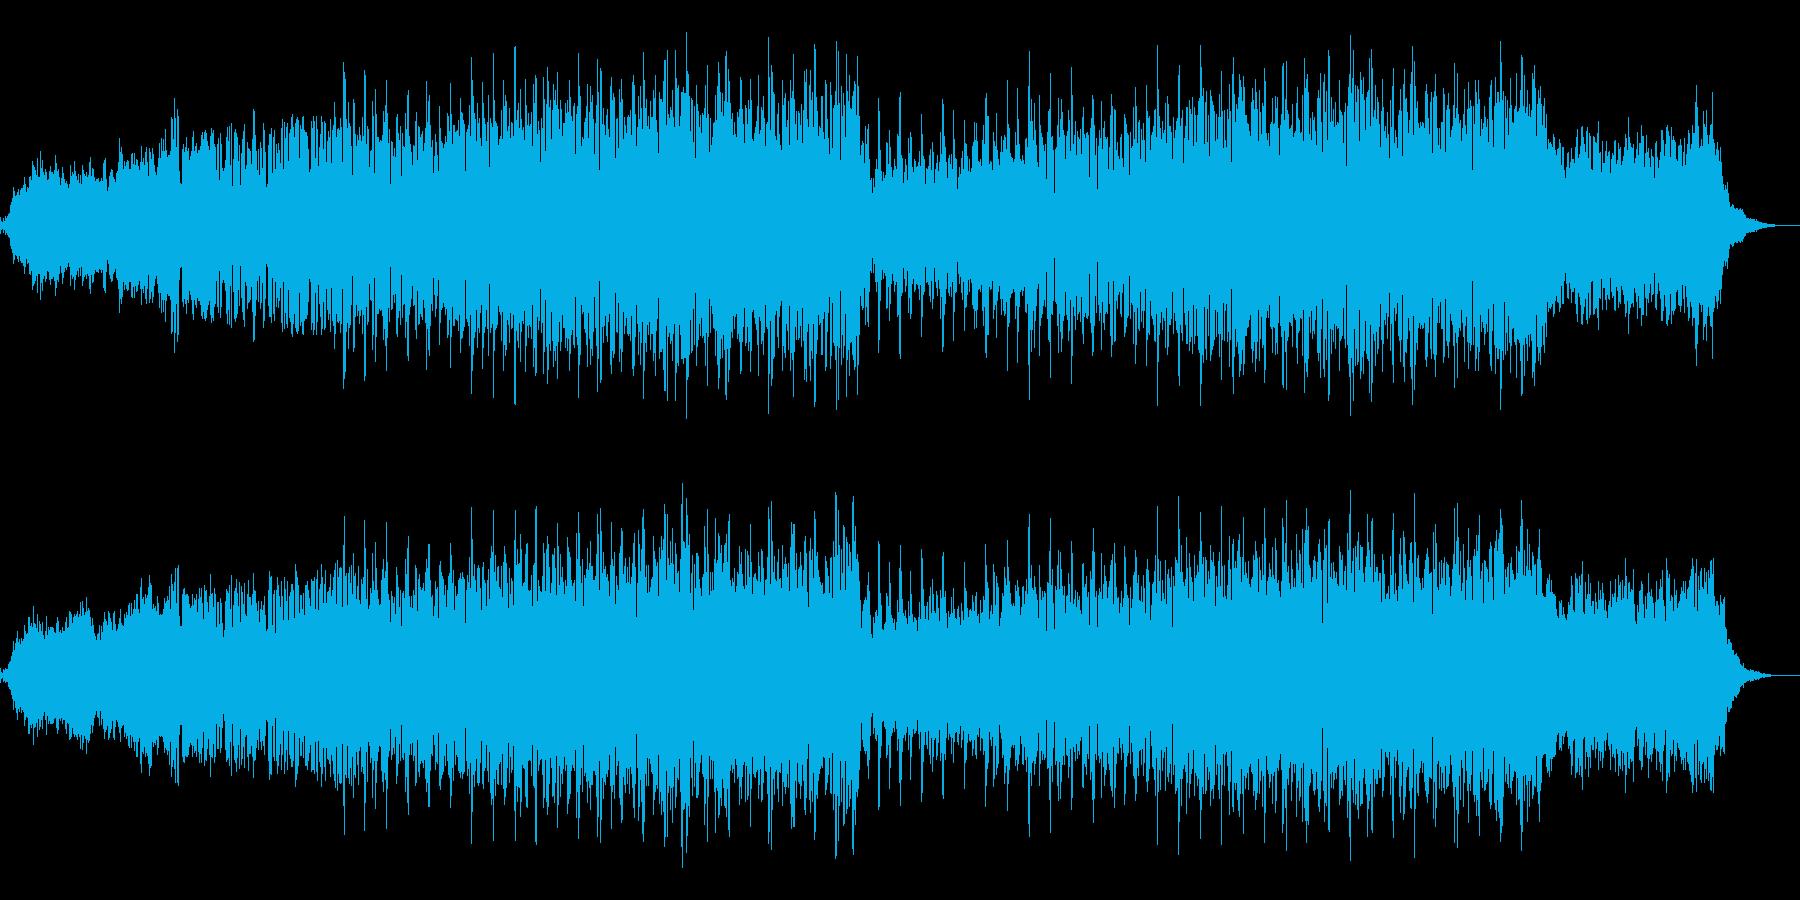 ニュース映像ナレーションバック向け-13の再生済みの波形